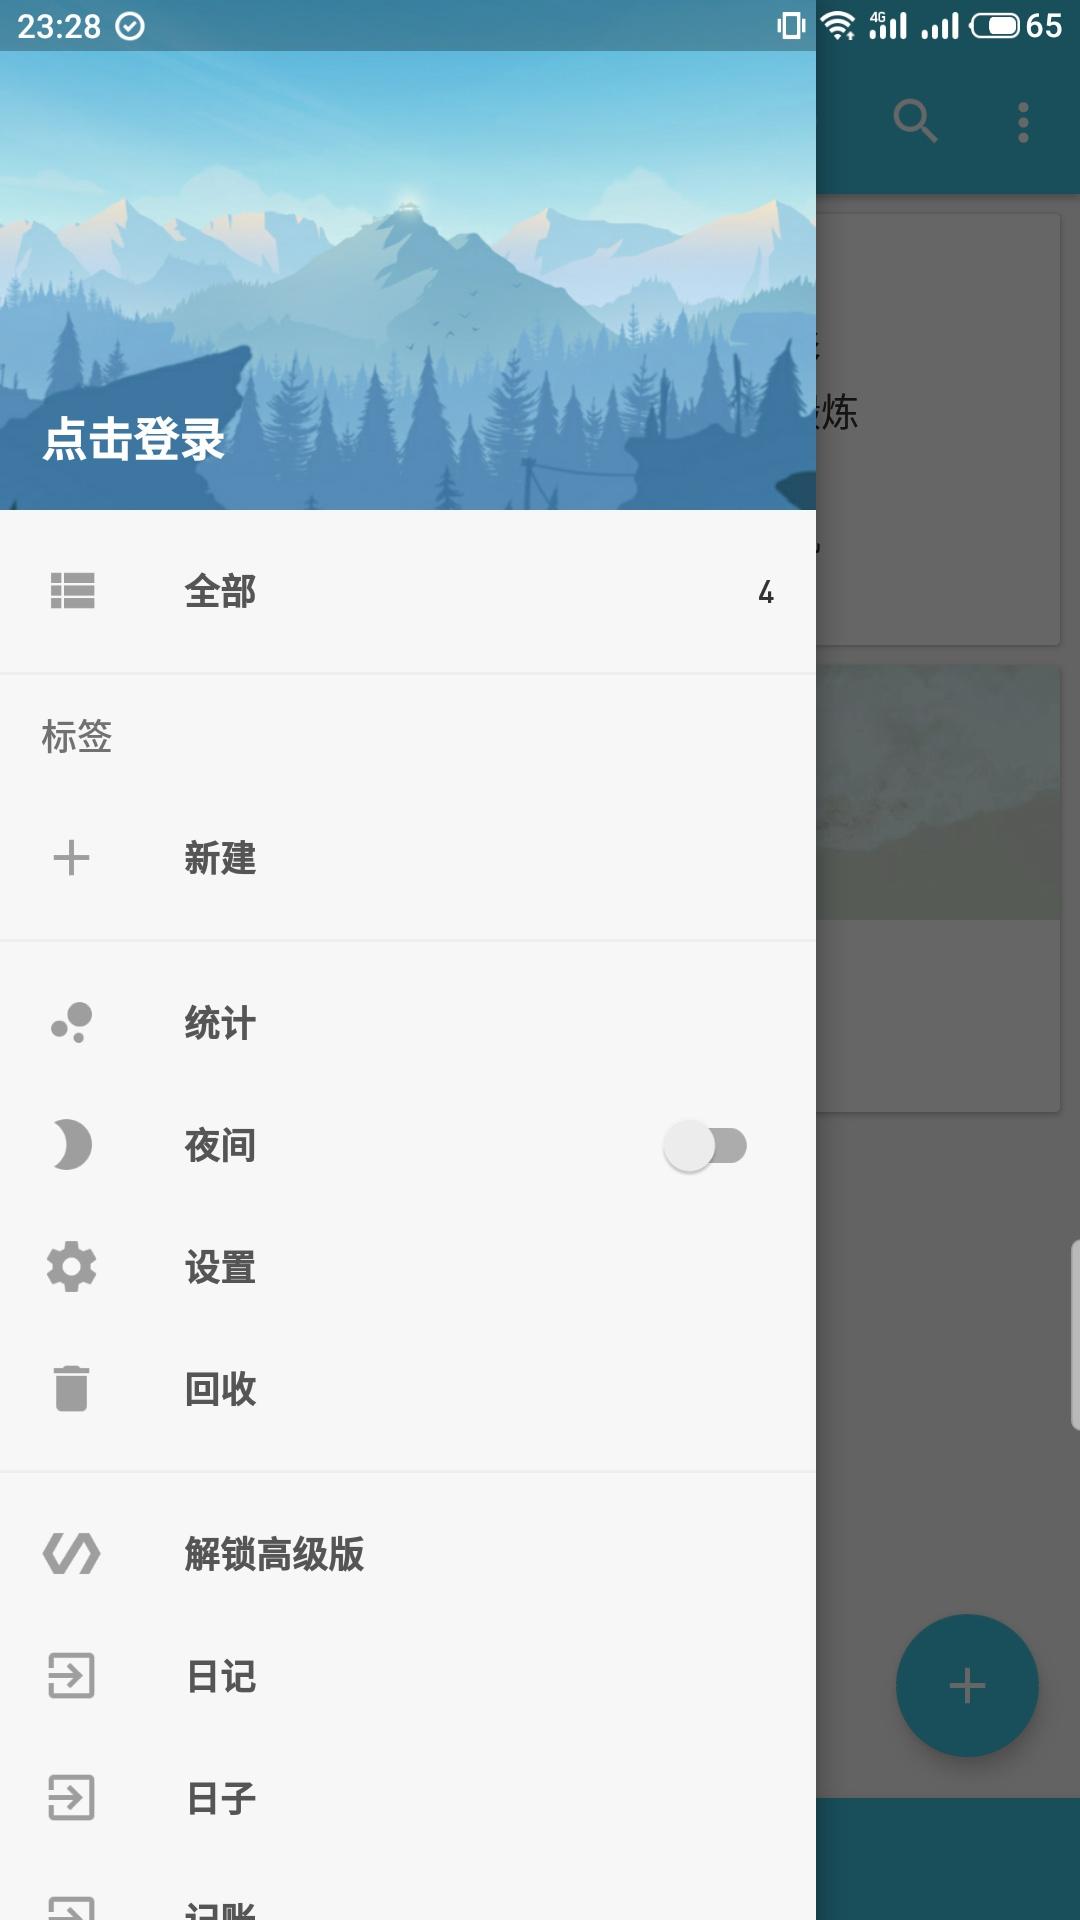 简笔v3.5.0 简洁的云同步笔记